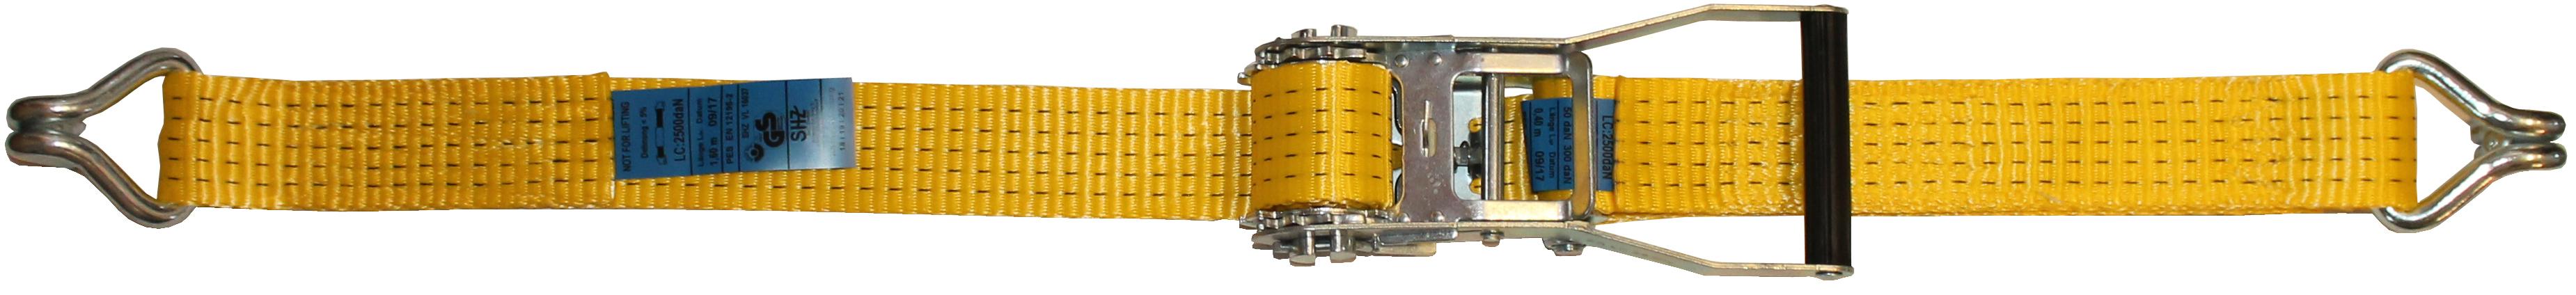 Ratschengurt Cargo 50 mm, 4.000 daN zweiteilig